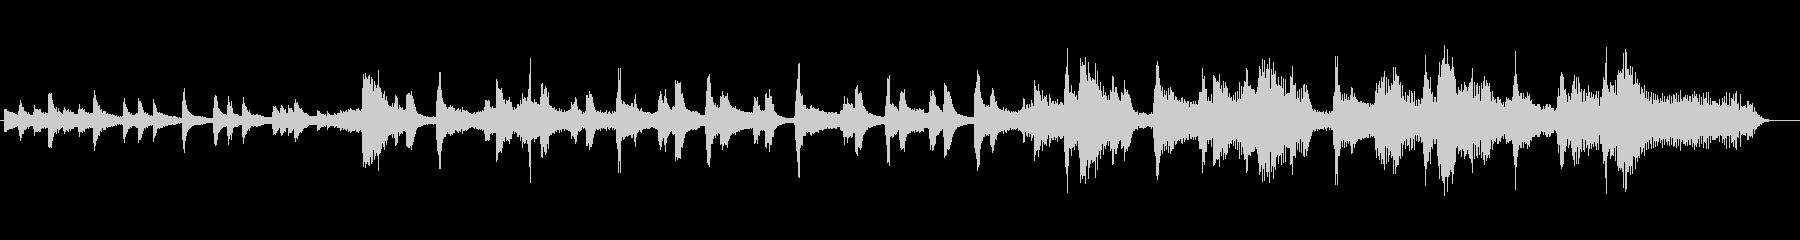 和風琴春ポップ横ノリ可愛いオルガンの未再生の波形